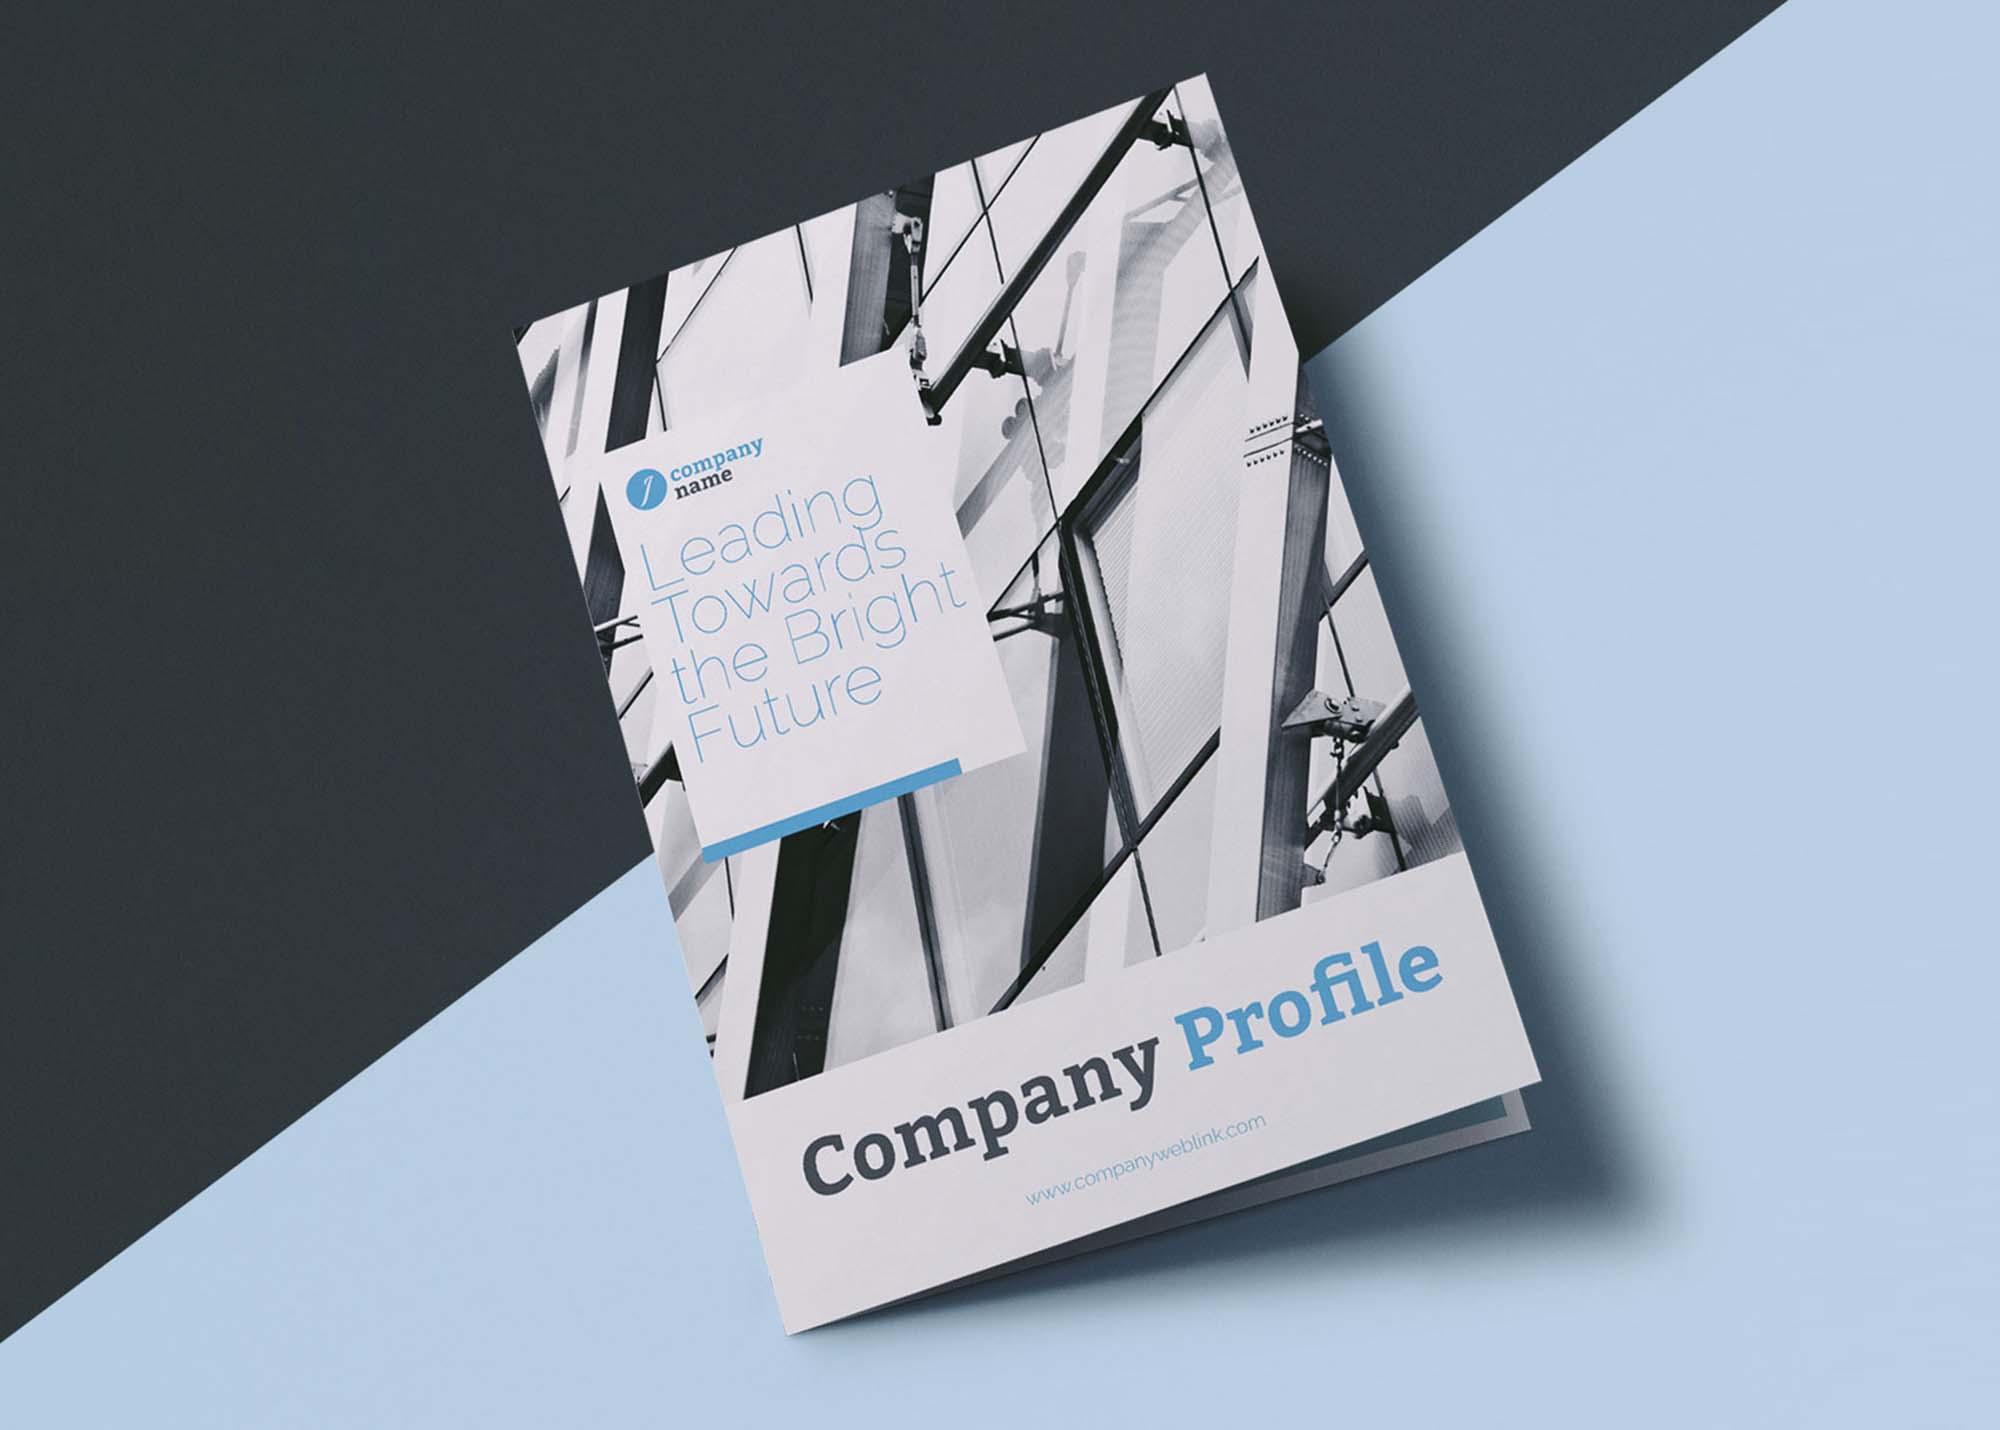 Company Profile Brochure Template 4